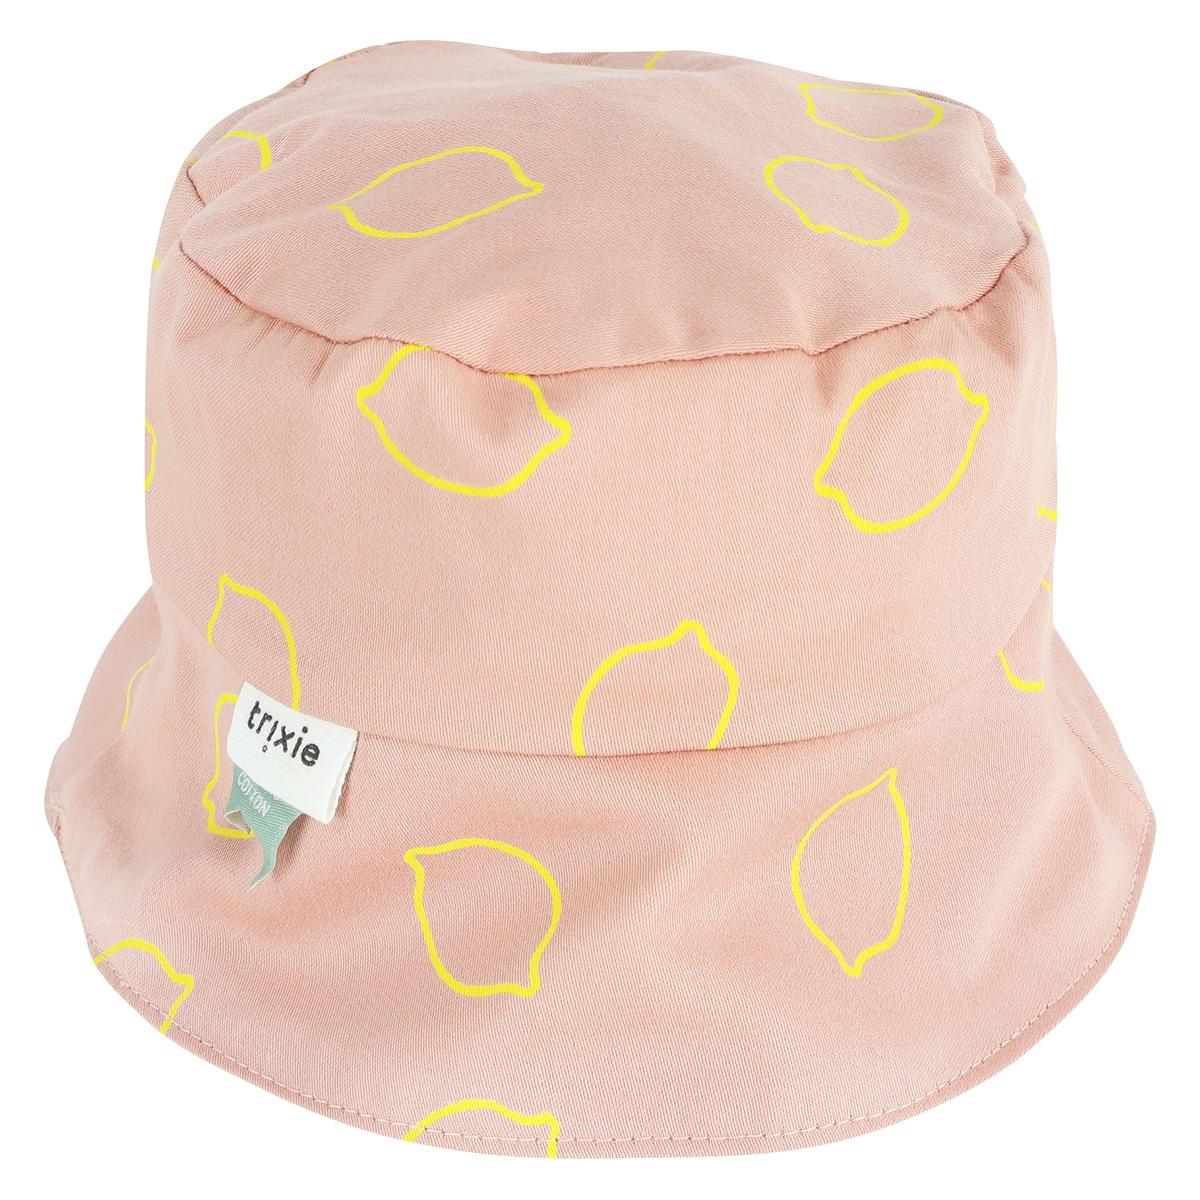 Accessoires bébé Chapeau de Soleil Lemon Squash - 12/18 Mois Chapeau de Soleil Lemon Squash - 12/18 Mois